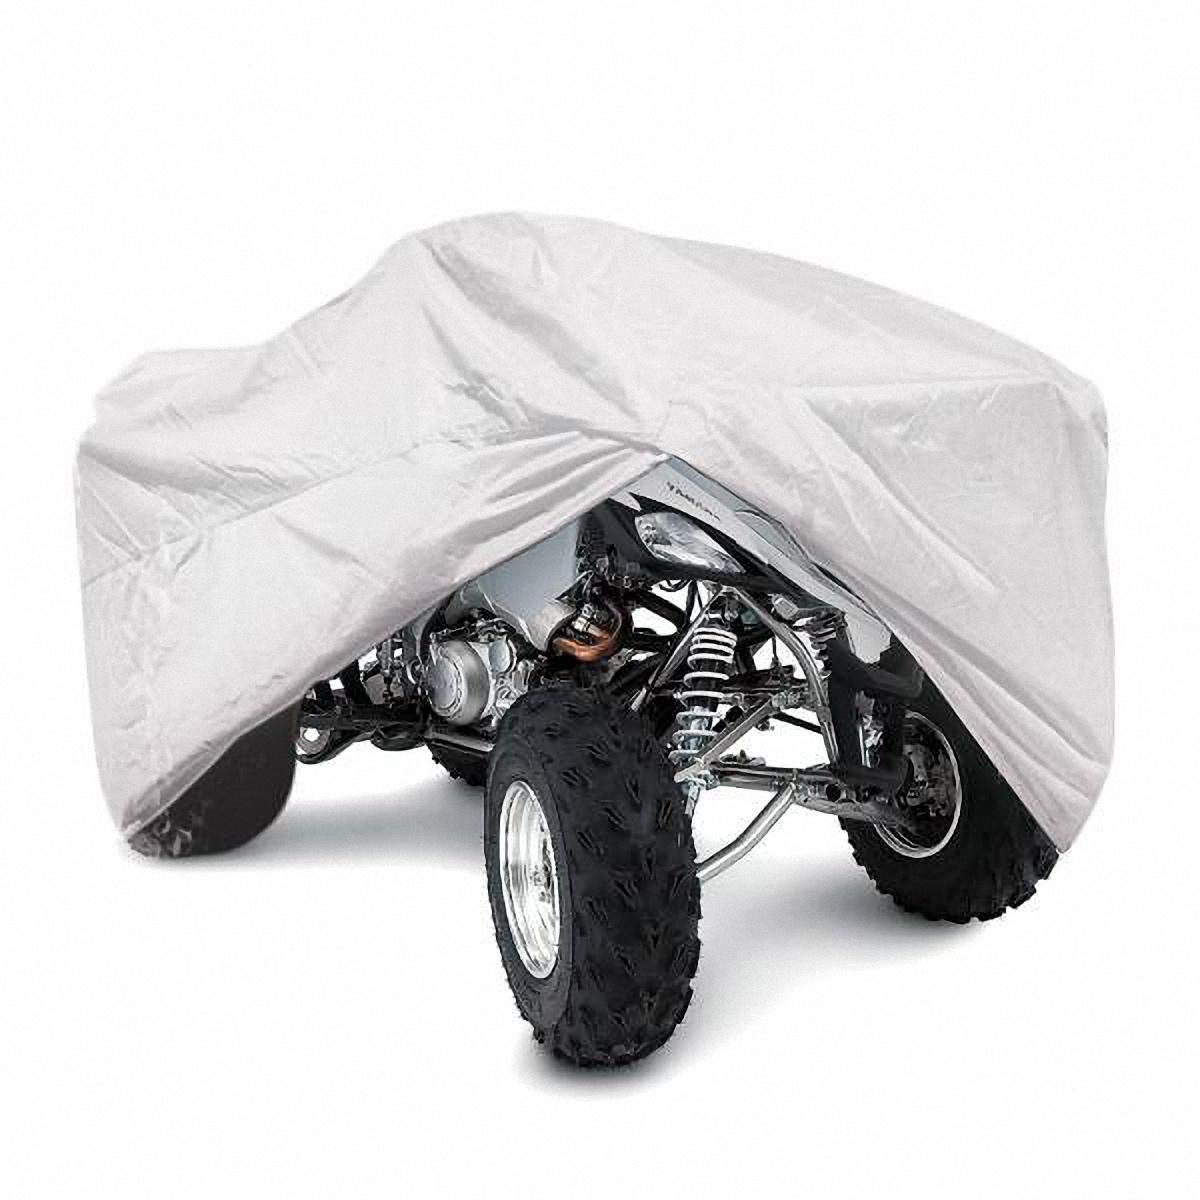 Тент на квадроцикл Skyway, 208 х 120 х 85 см. Размер M98298123_черныйТент на квадроцикл позволит защитить кузов Вашего транспортного средства от коррозии и загрязнений во время хранения или транспортировки, а Вас избавит от необходимости его частого мытья.Чехол-тент предохраняет лакокрасочное покрытие кузова, детали и фары Вашего квадроцикла от воздействия прямых солнечных лучей и неблагоприятных погодных условий, загрязнений. Легко и быстро надевается на квадроцикл, не царапая и не повреждая его.Основные характеристики чехла-тента SKYWAY:Изготовлен из высококачественного полиэстера.В передней и задней части тента вшиты резинки, стягивающие его нижний край под передним и задним бамперами.Обладает высокой влаго- и износостойкостью.Обладает светоотражающими и пылезащитными свойствами.Выдерживает как низкие, так и высокие температуры.Воздухопроницаемый материал.Состав: полиэстер.